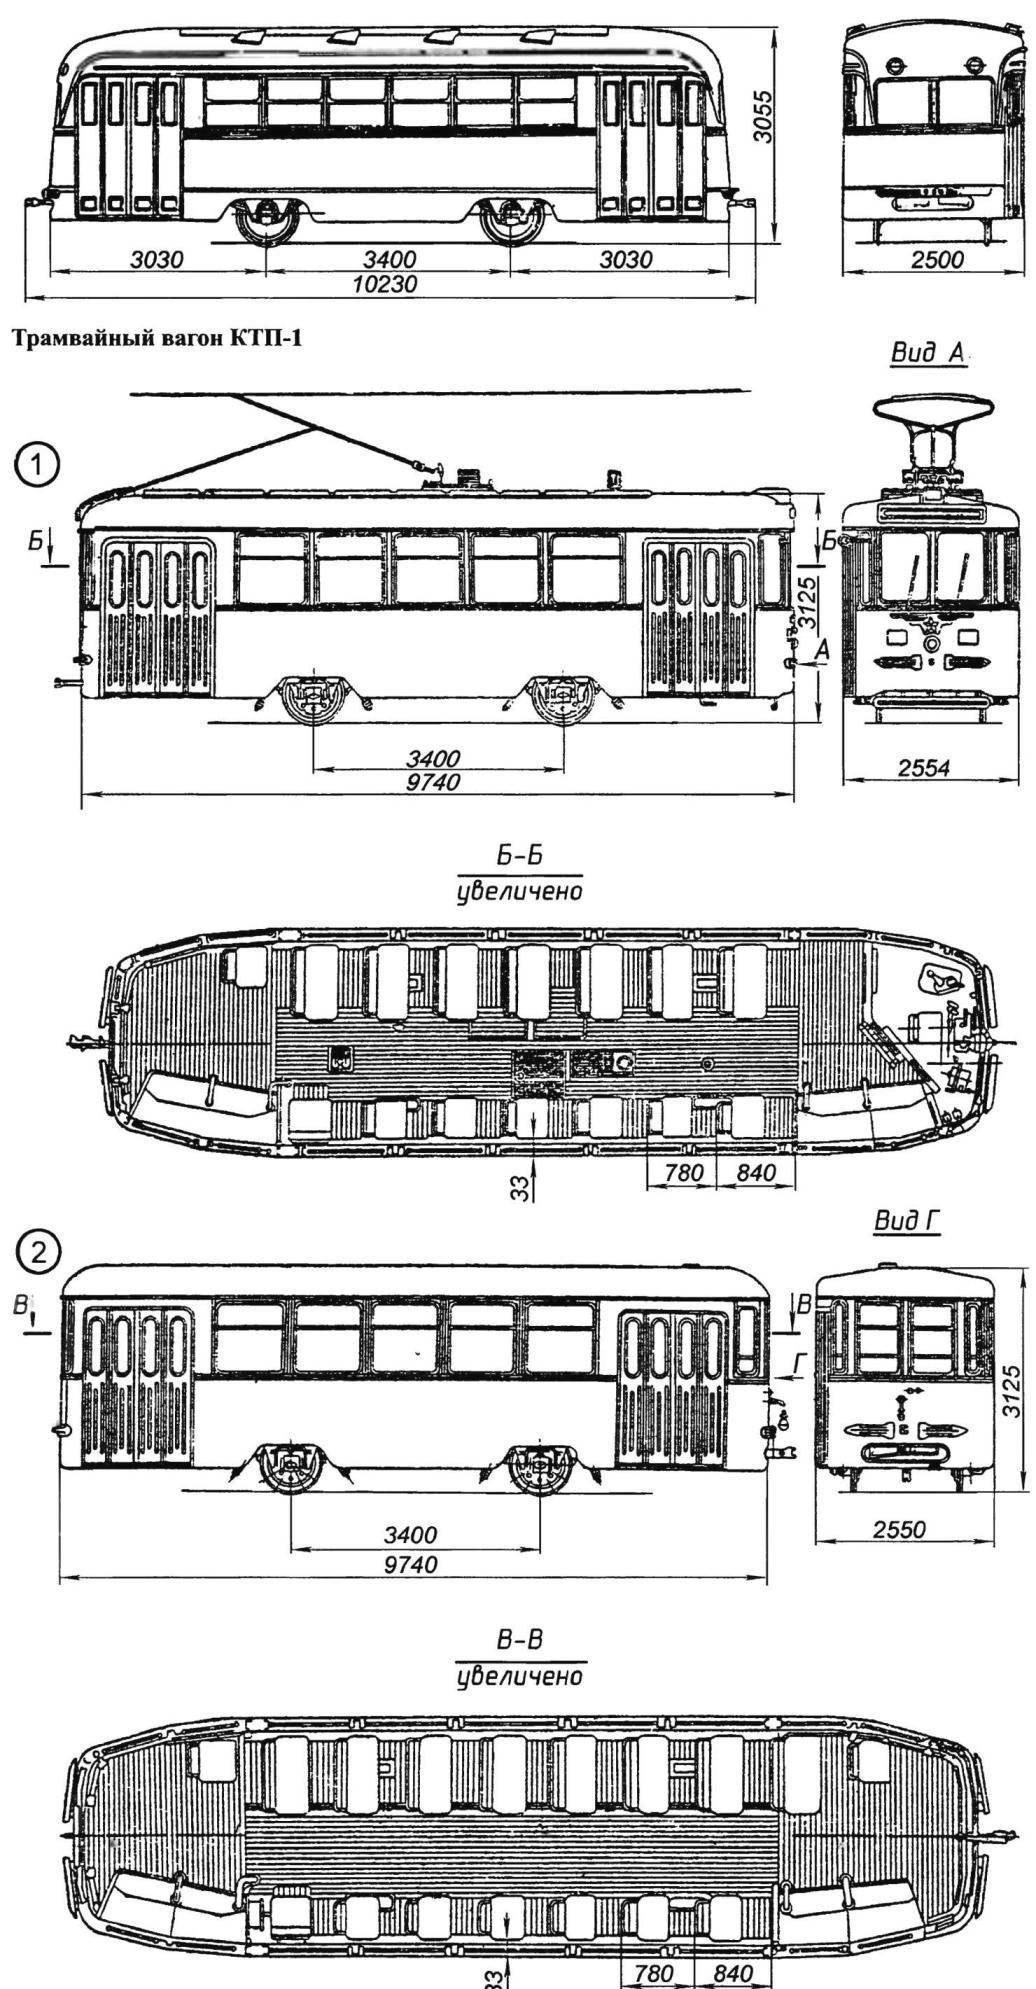 Общий вид трамвайных вагонов